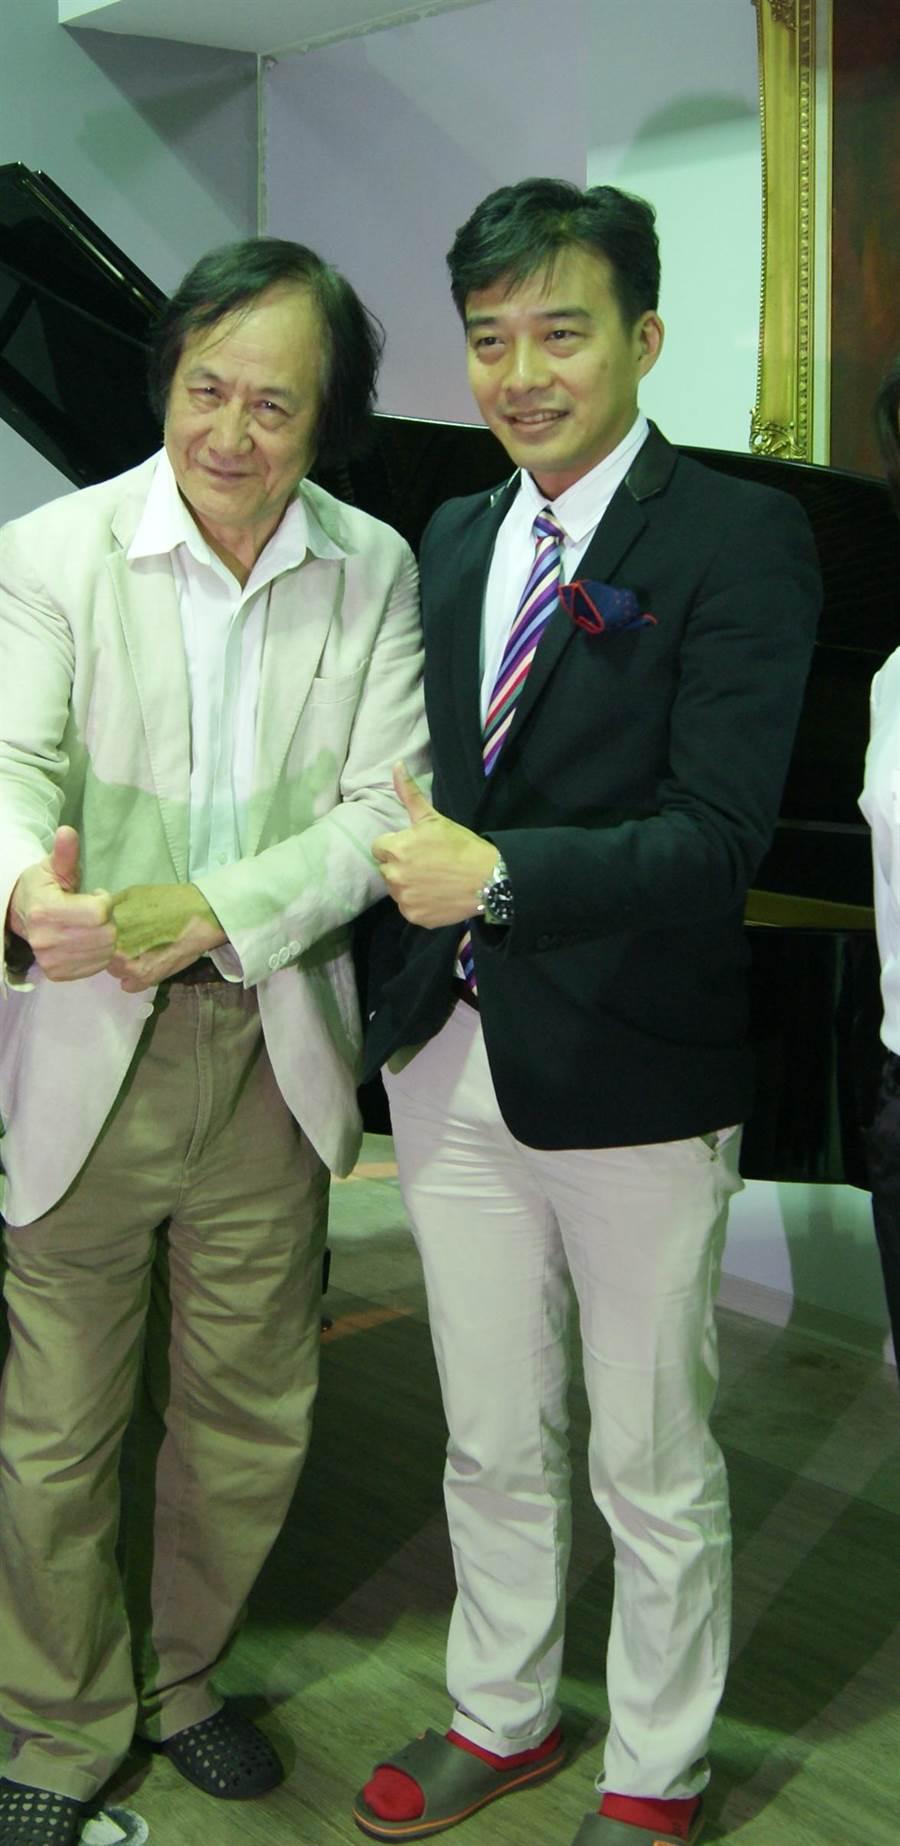 國家文藝獎得主曾道雄(左)與企業家陳柏良攜手催生重唱比賽。(台北歌劇暨藝術文化基金會提供)